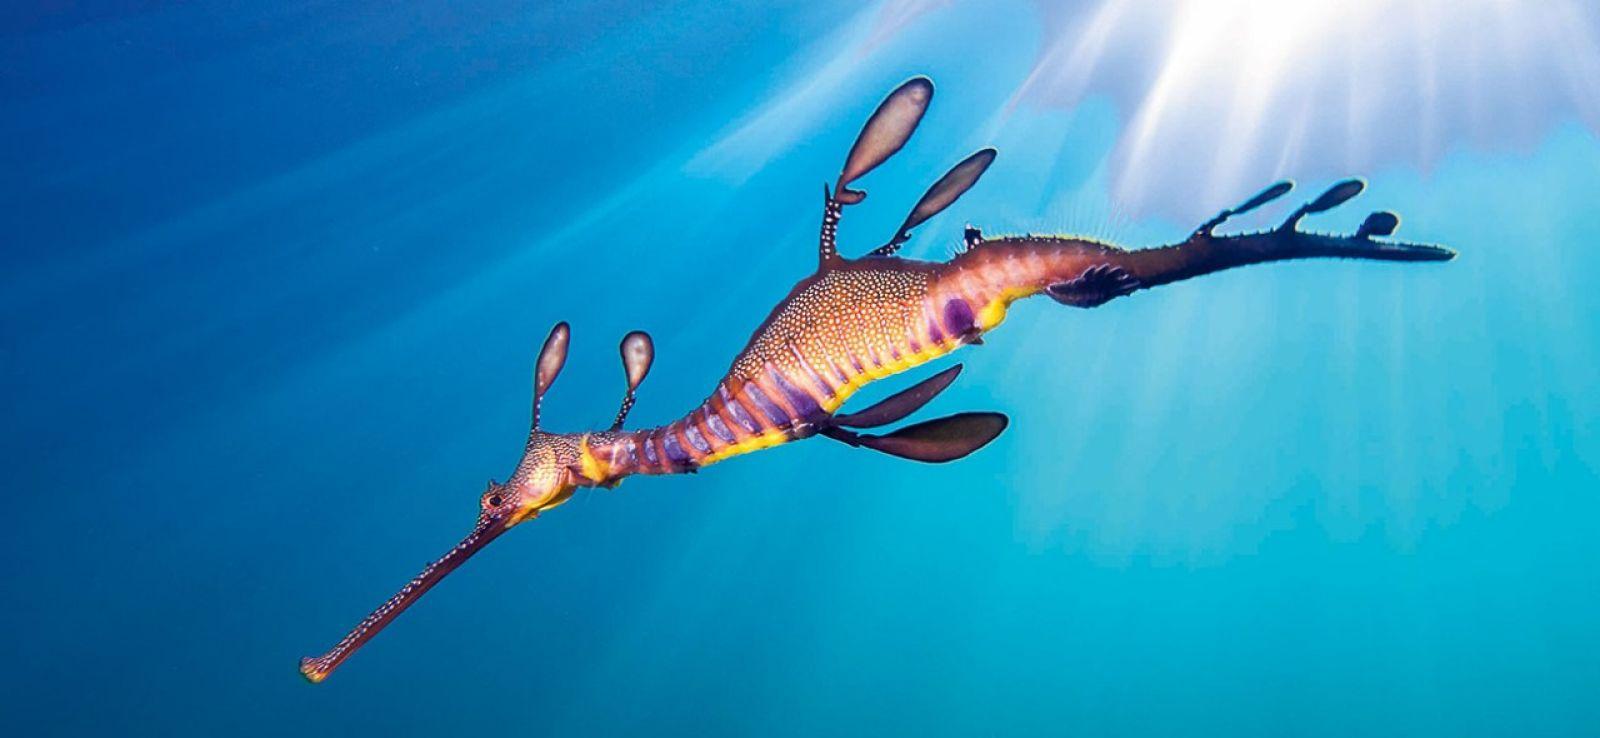 racv seahorse.jpg